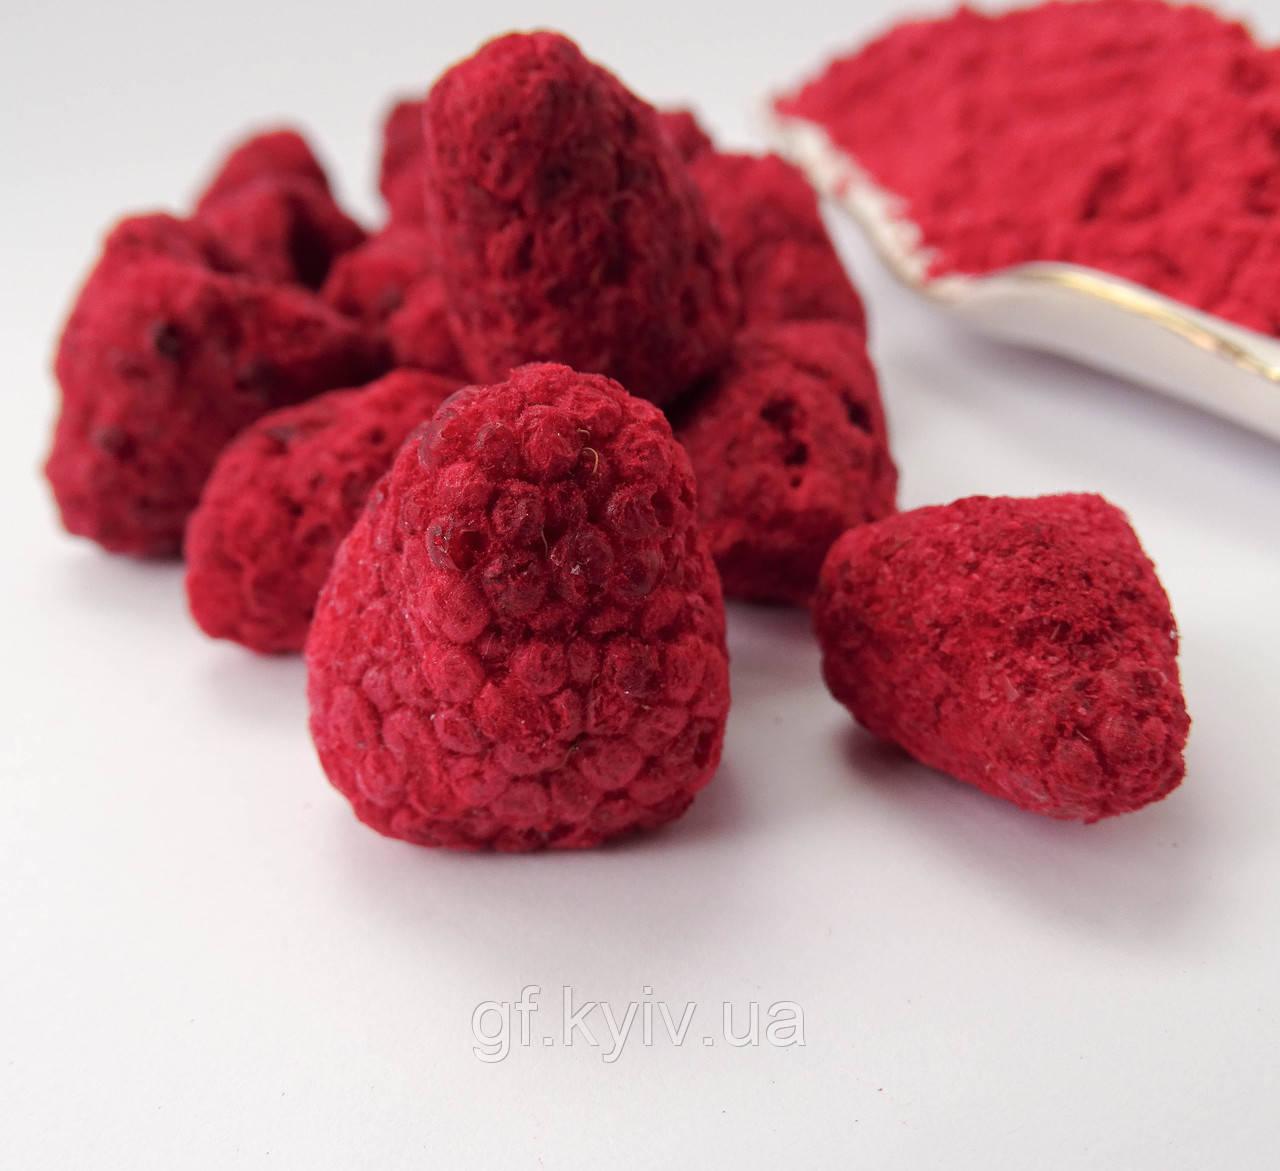 Малина целые ягоды 100г сублимированная, натуральная от украинского производителя